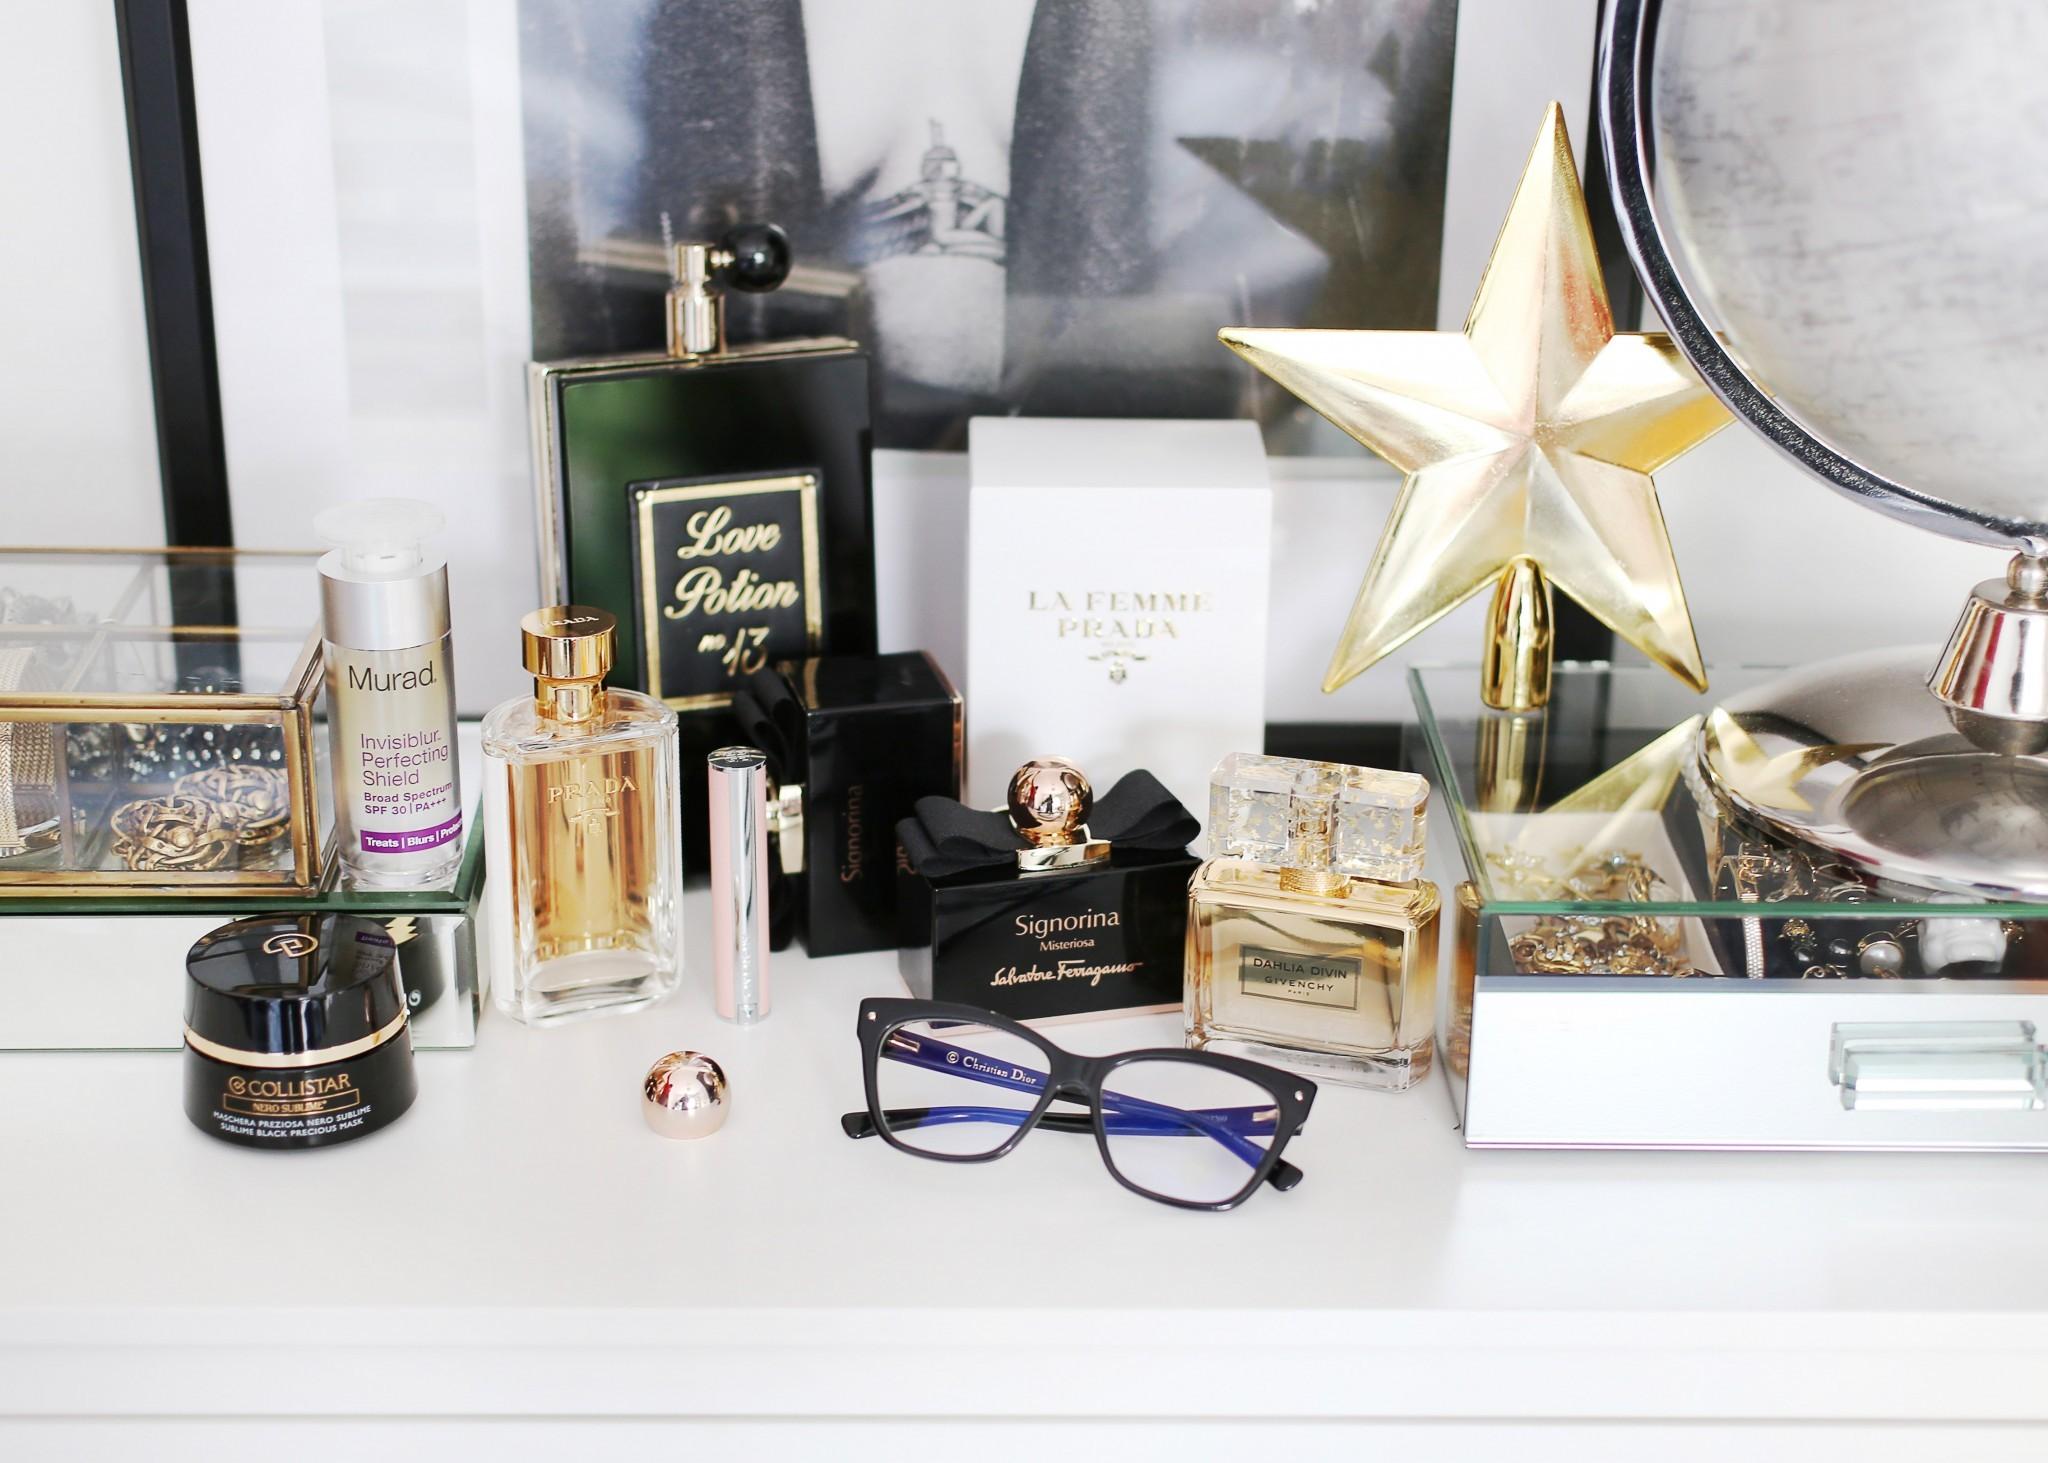 cadourile_craciun_signorina_la-femme_prada_fabulous_muses